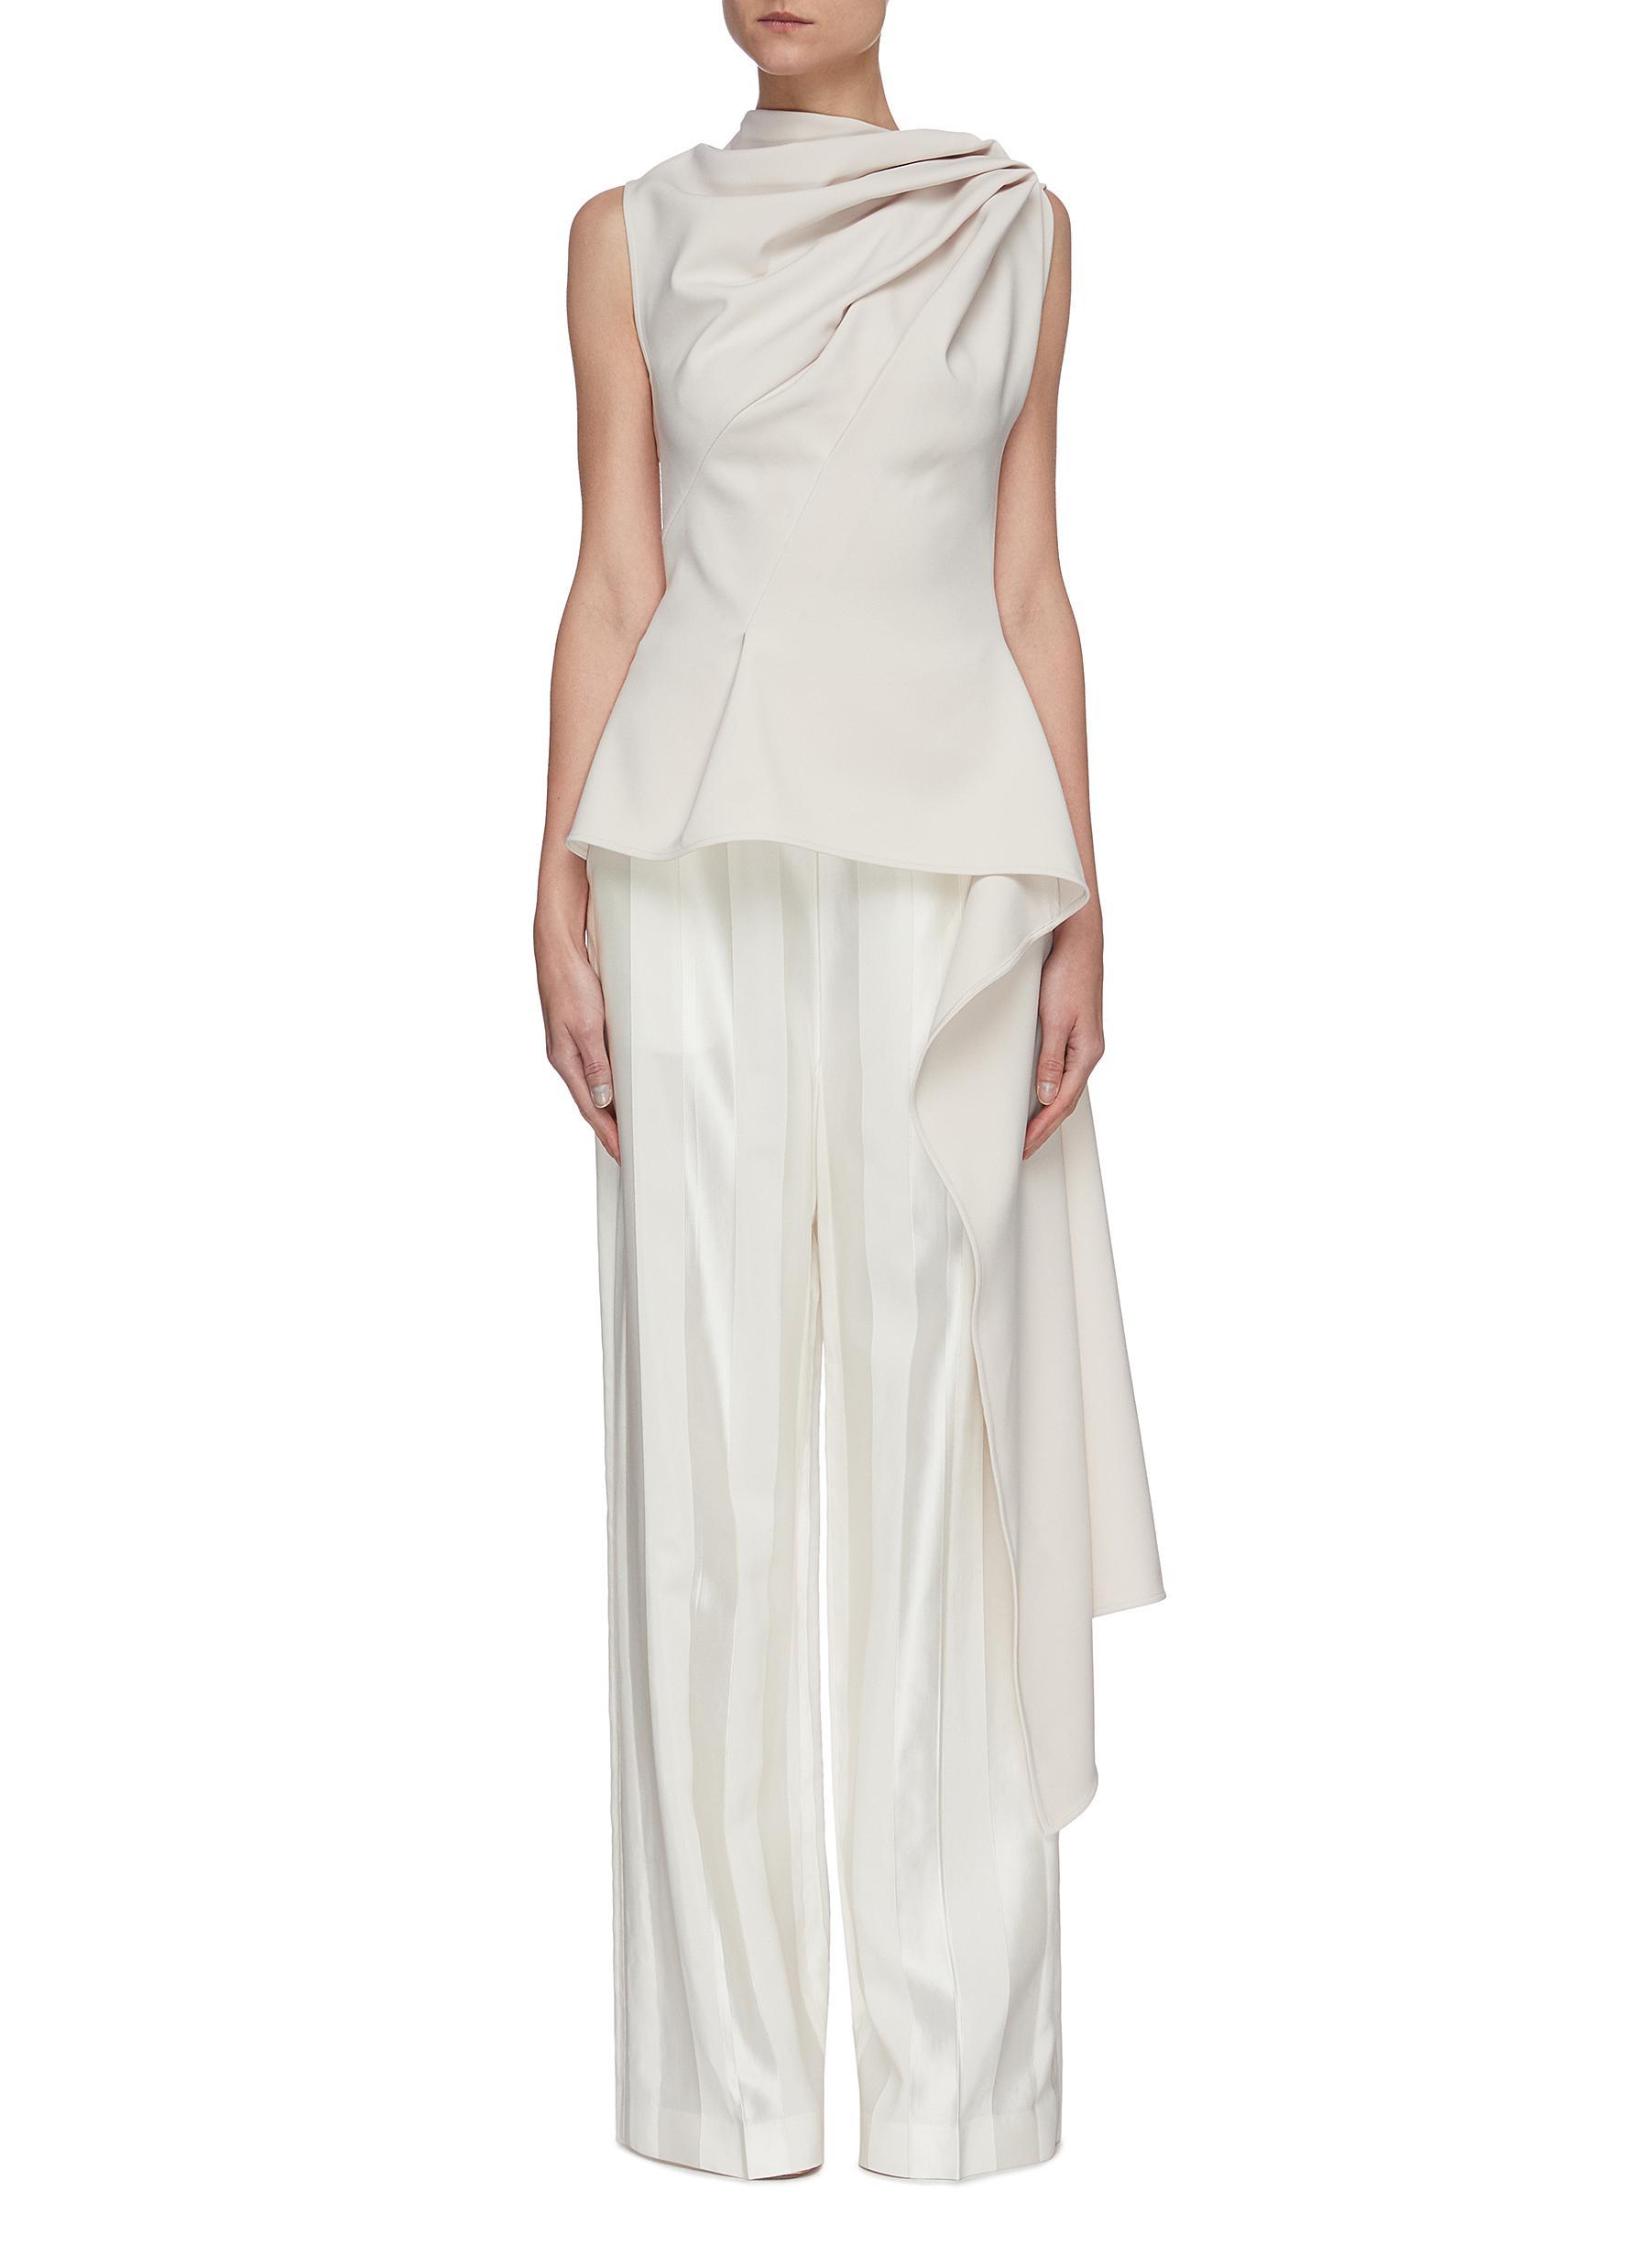 shop Maticevski Zealous' drape top online